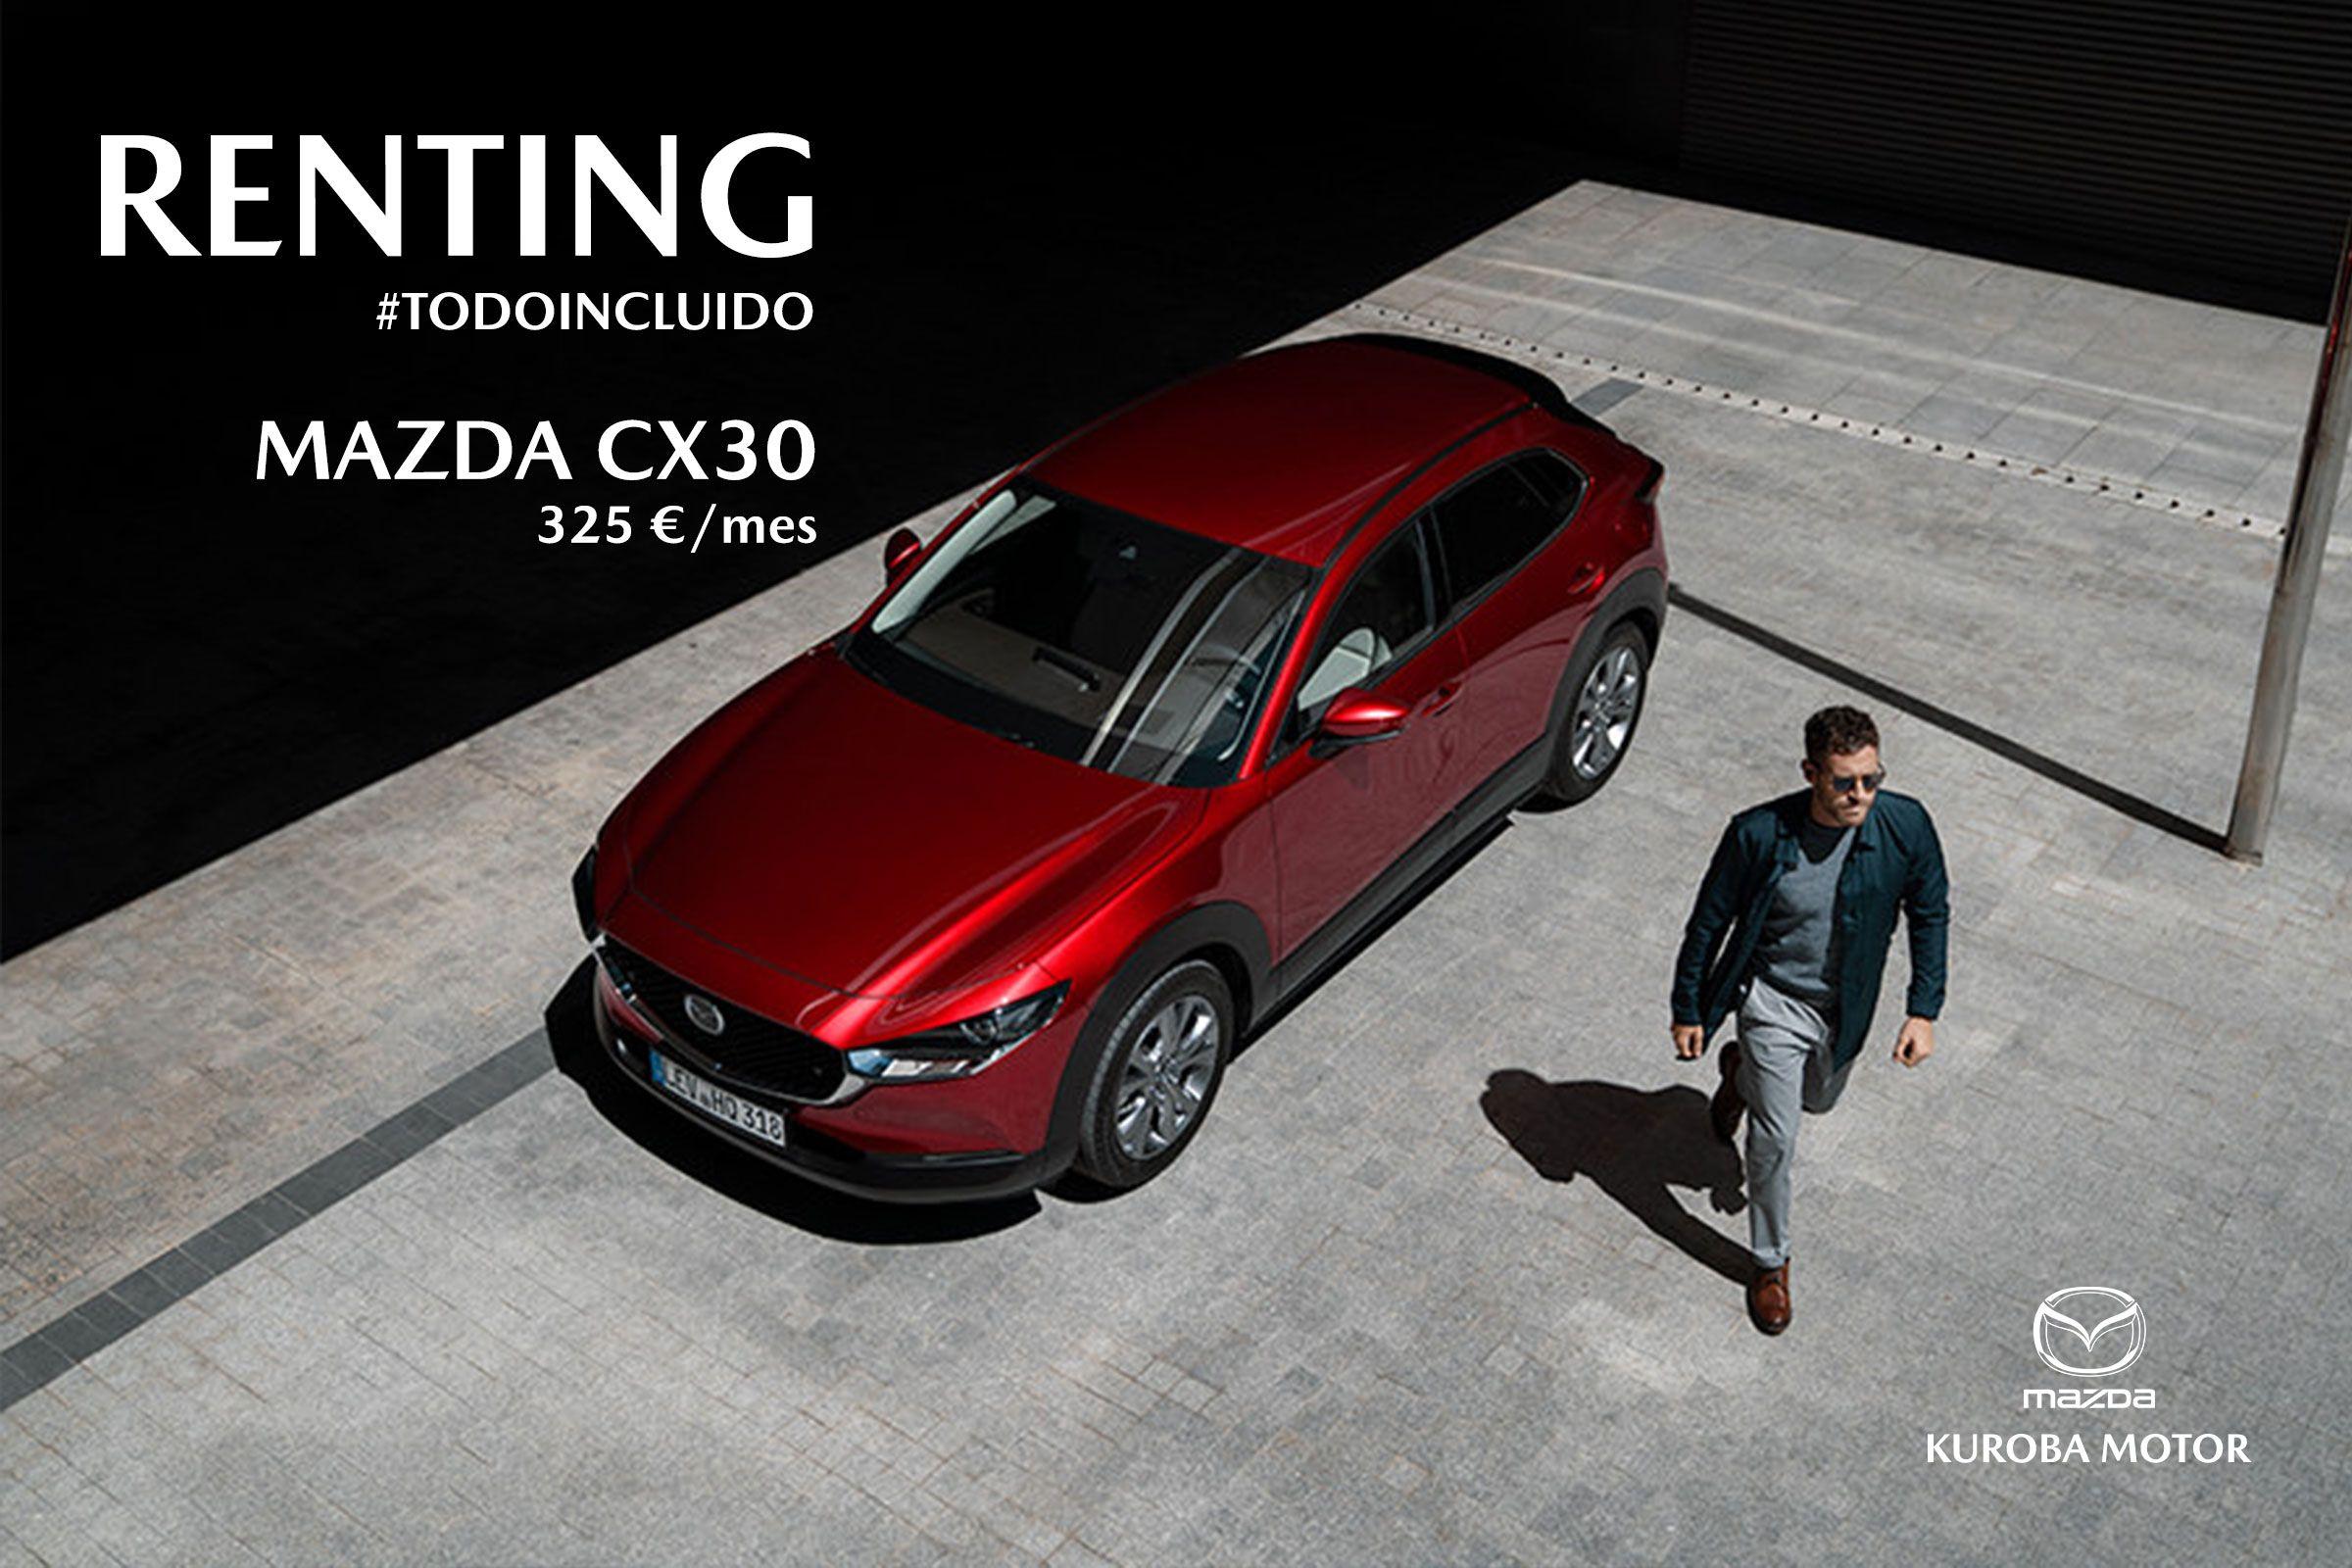 Llévate el nuevo Mazda CX30 de renting por 325€/mes ¡TODO INCLUIDO!